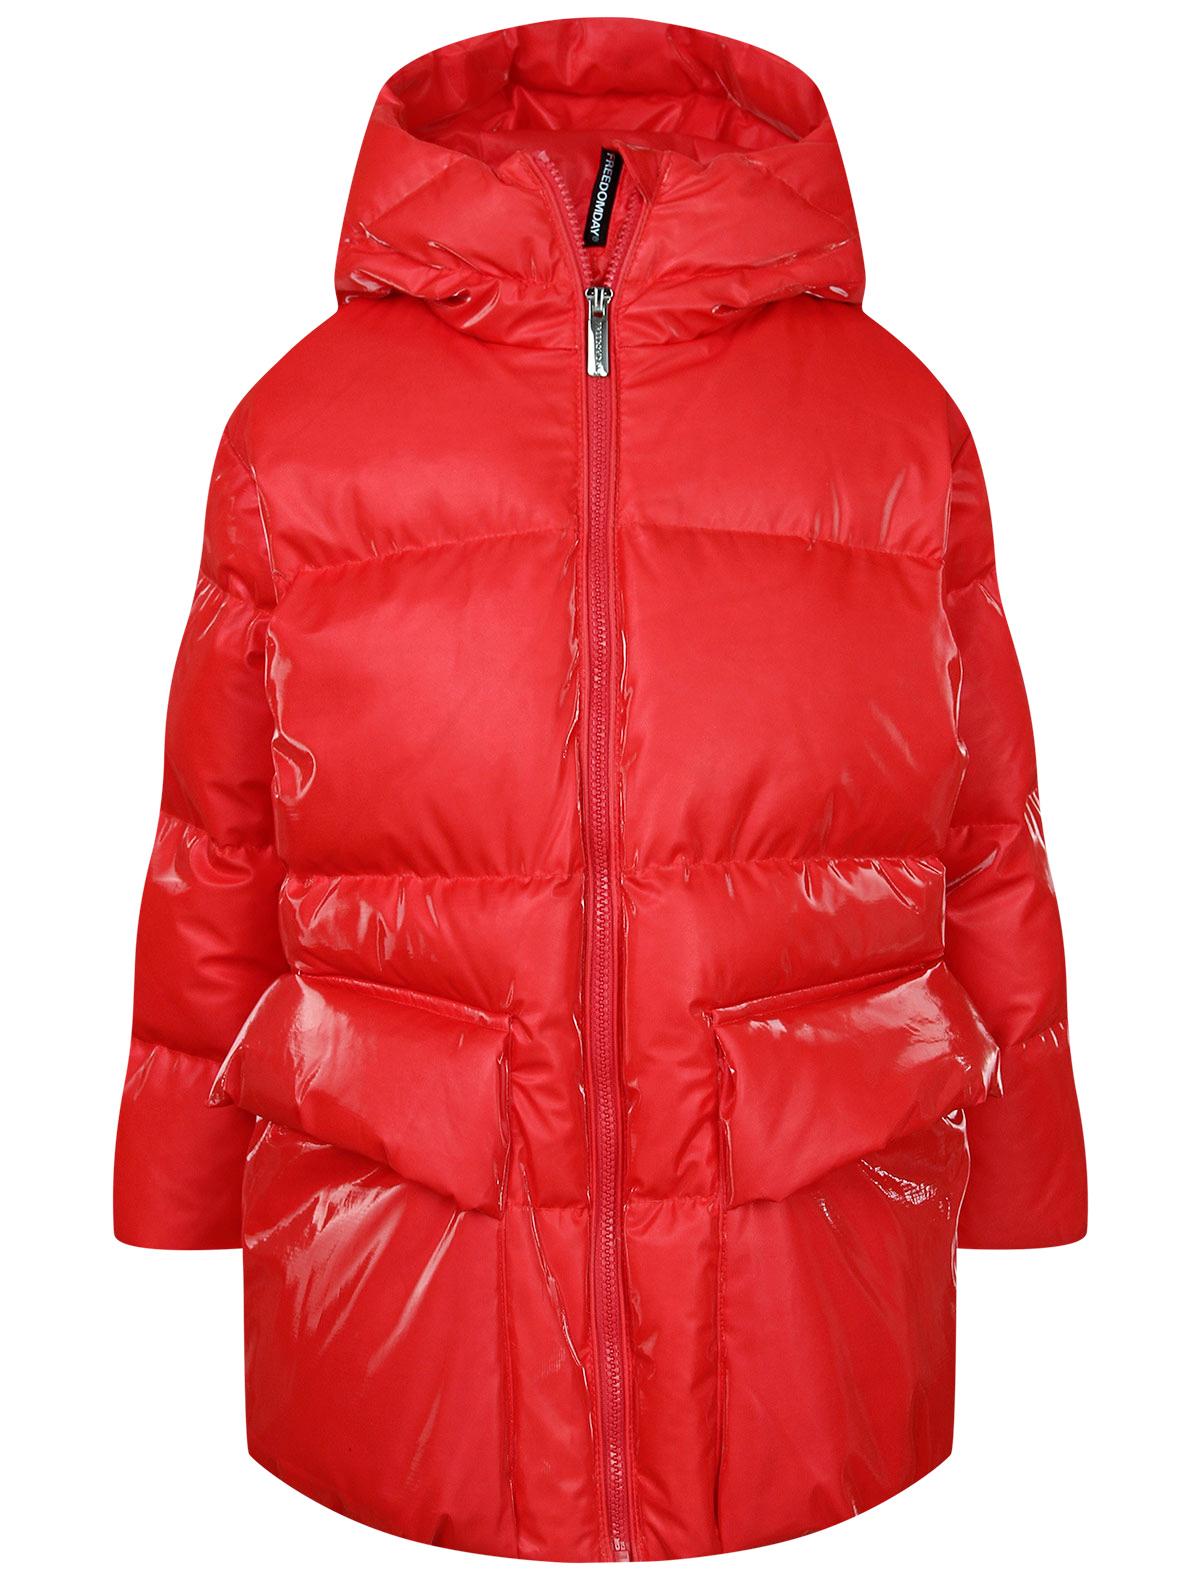 Купить 2342774, Куртка FREEDOMDAY, красный, Женский, 1074509181392